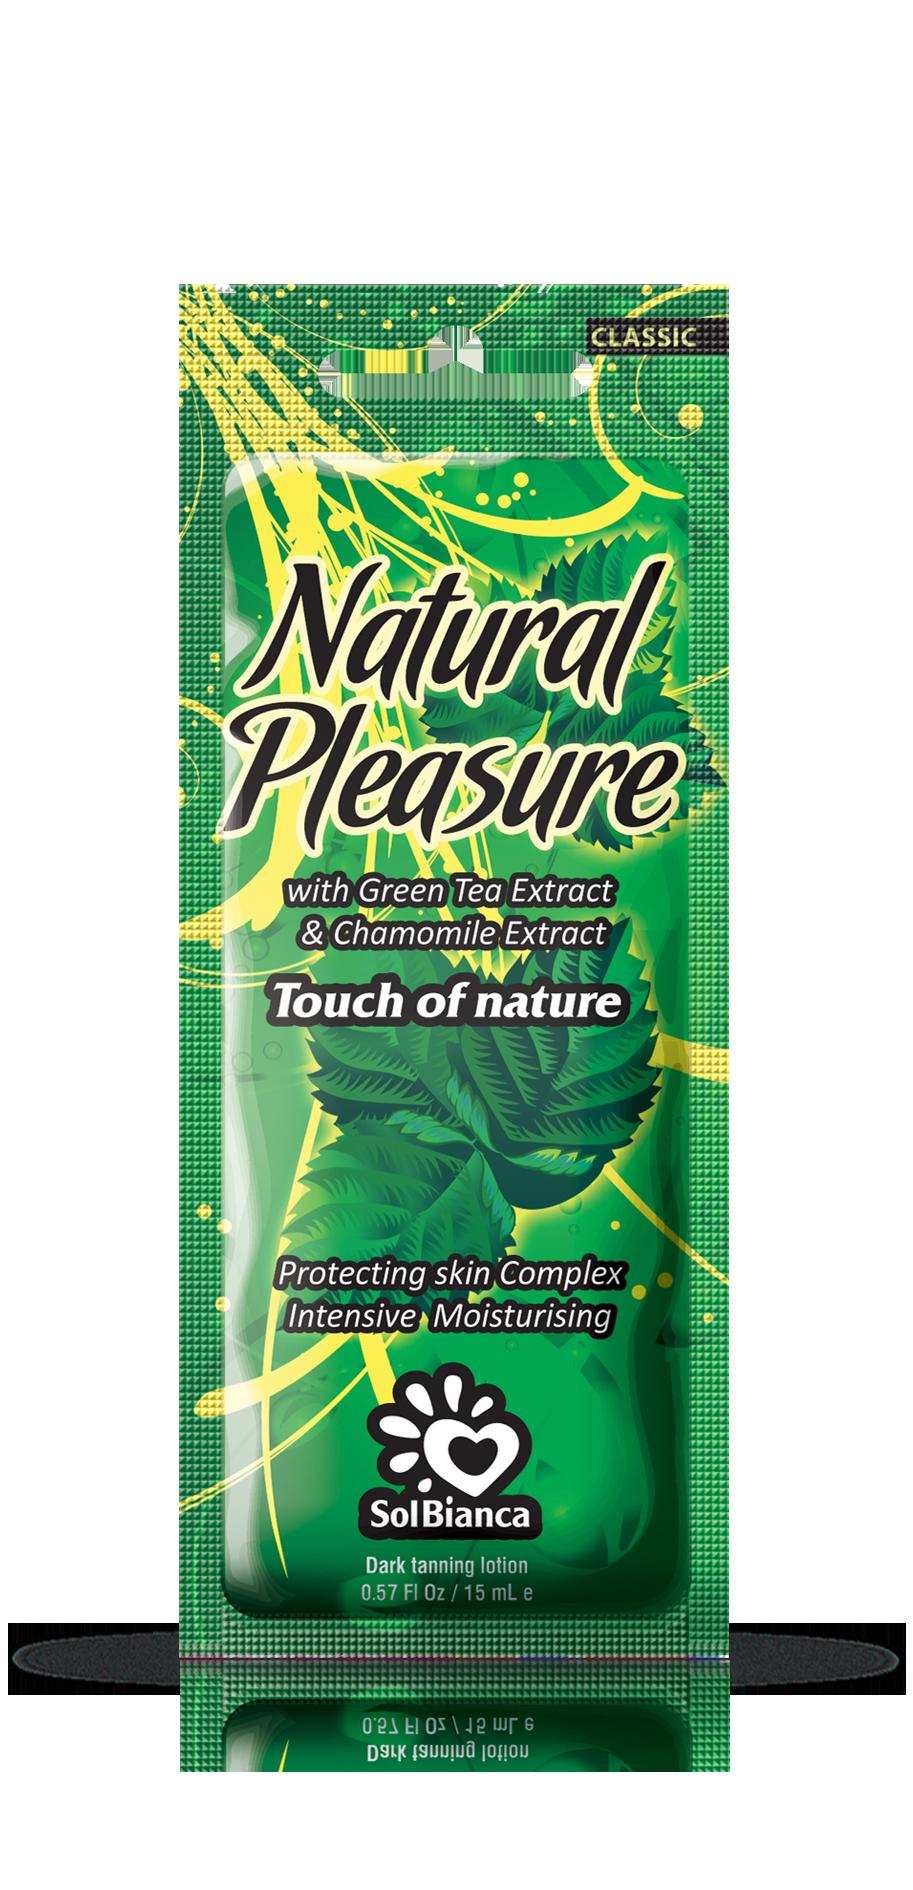 SOLBIANCA Крем для загара в солярии Natural Pleasure с экстрактом зеленого чая / CLASSIC COLLECTION 15 мл